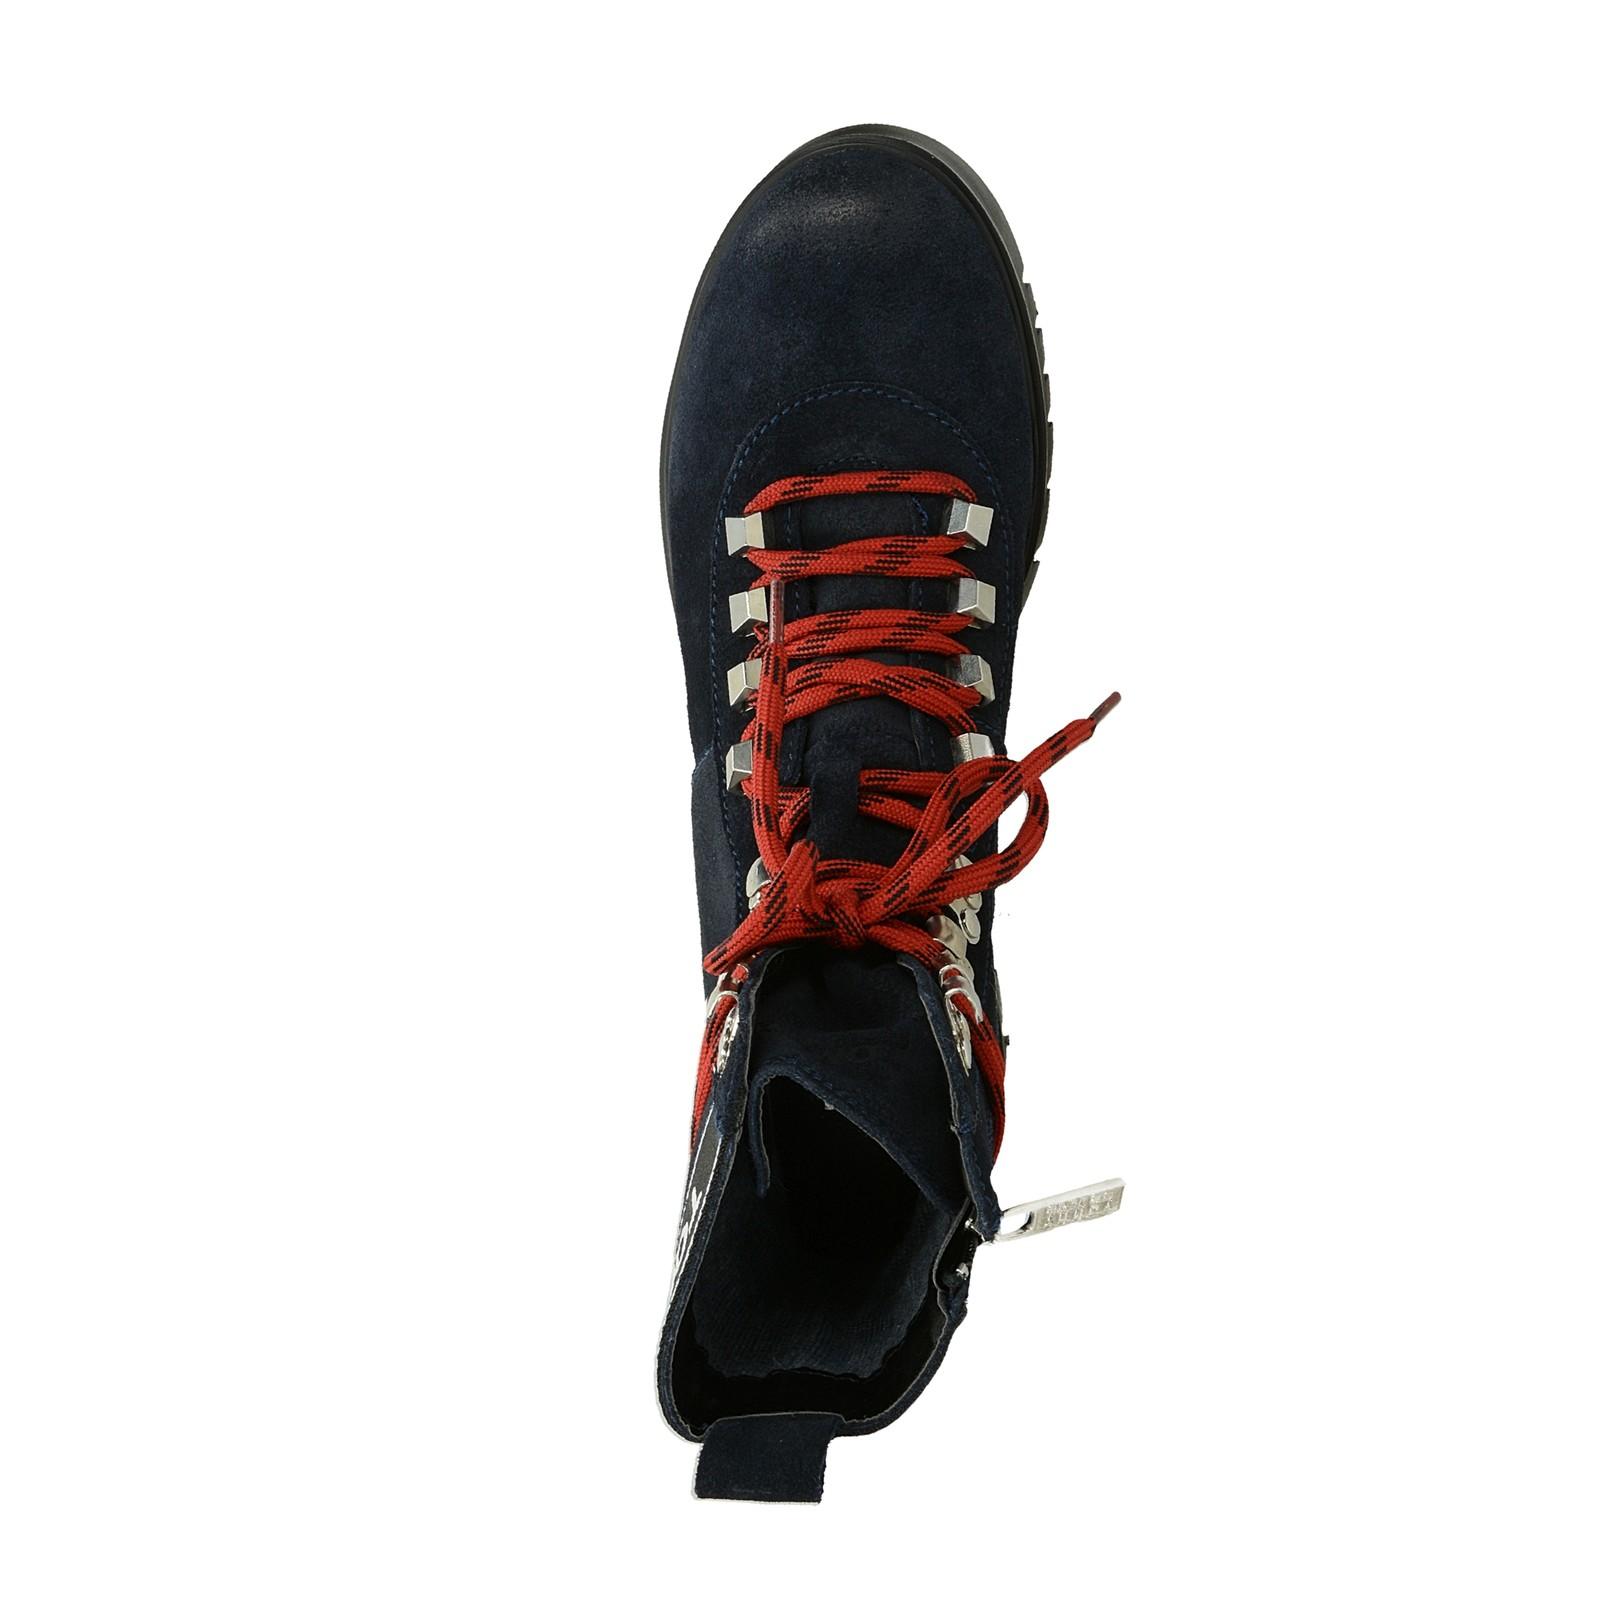 794b1057eb5 ... Tommy Hilfiger dámské vysoké kotníkové boty - modré ...